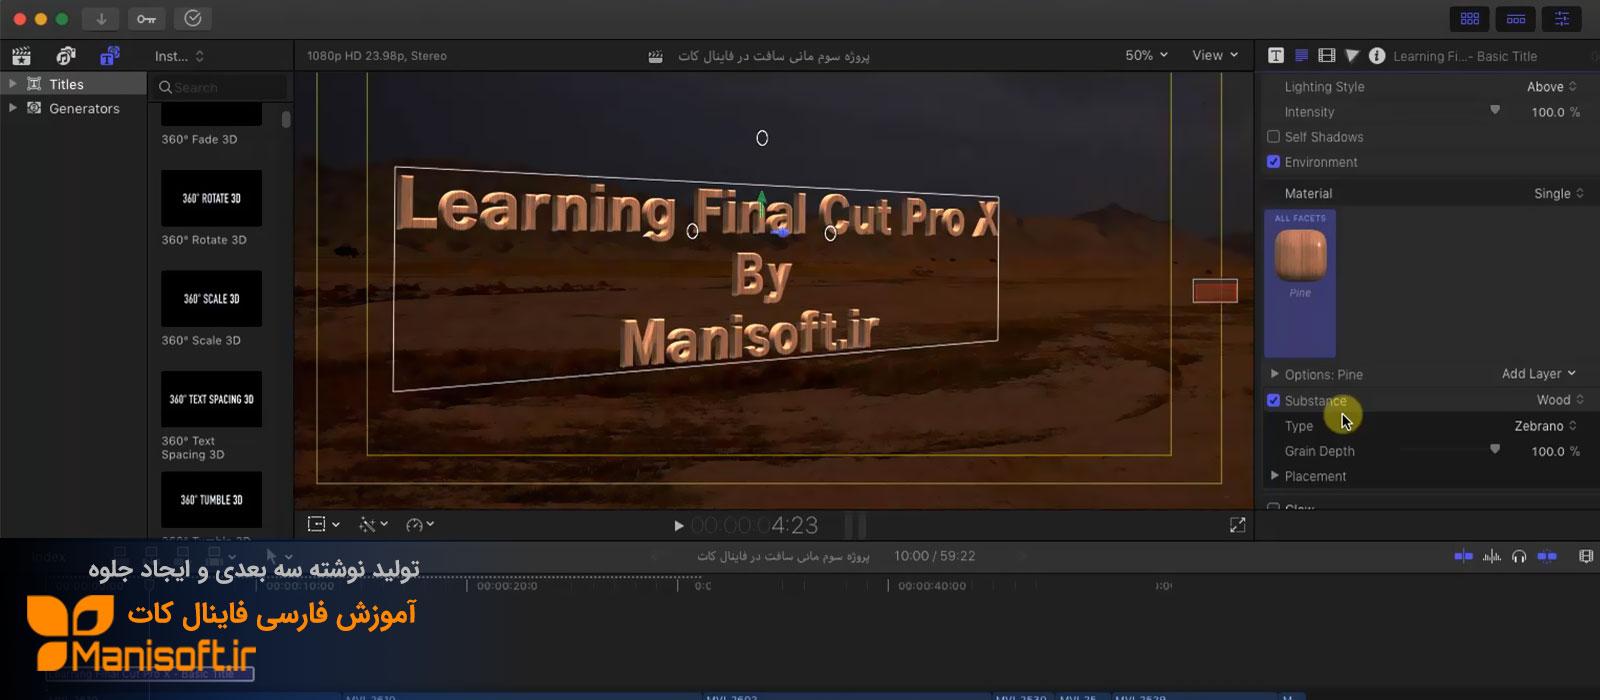 11دقیقه آموزش فارسی فاینال کات و تولید نوشته سه بعدی